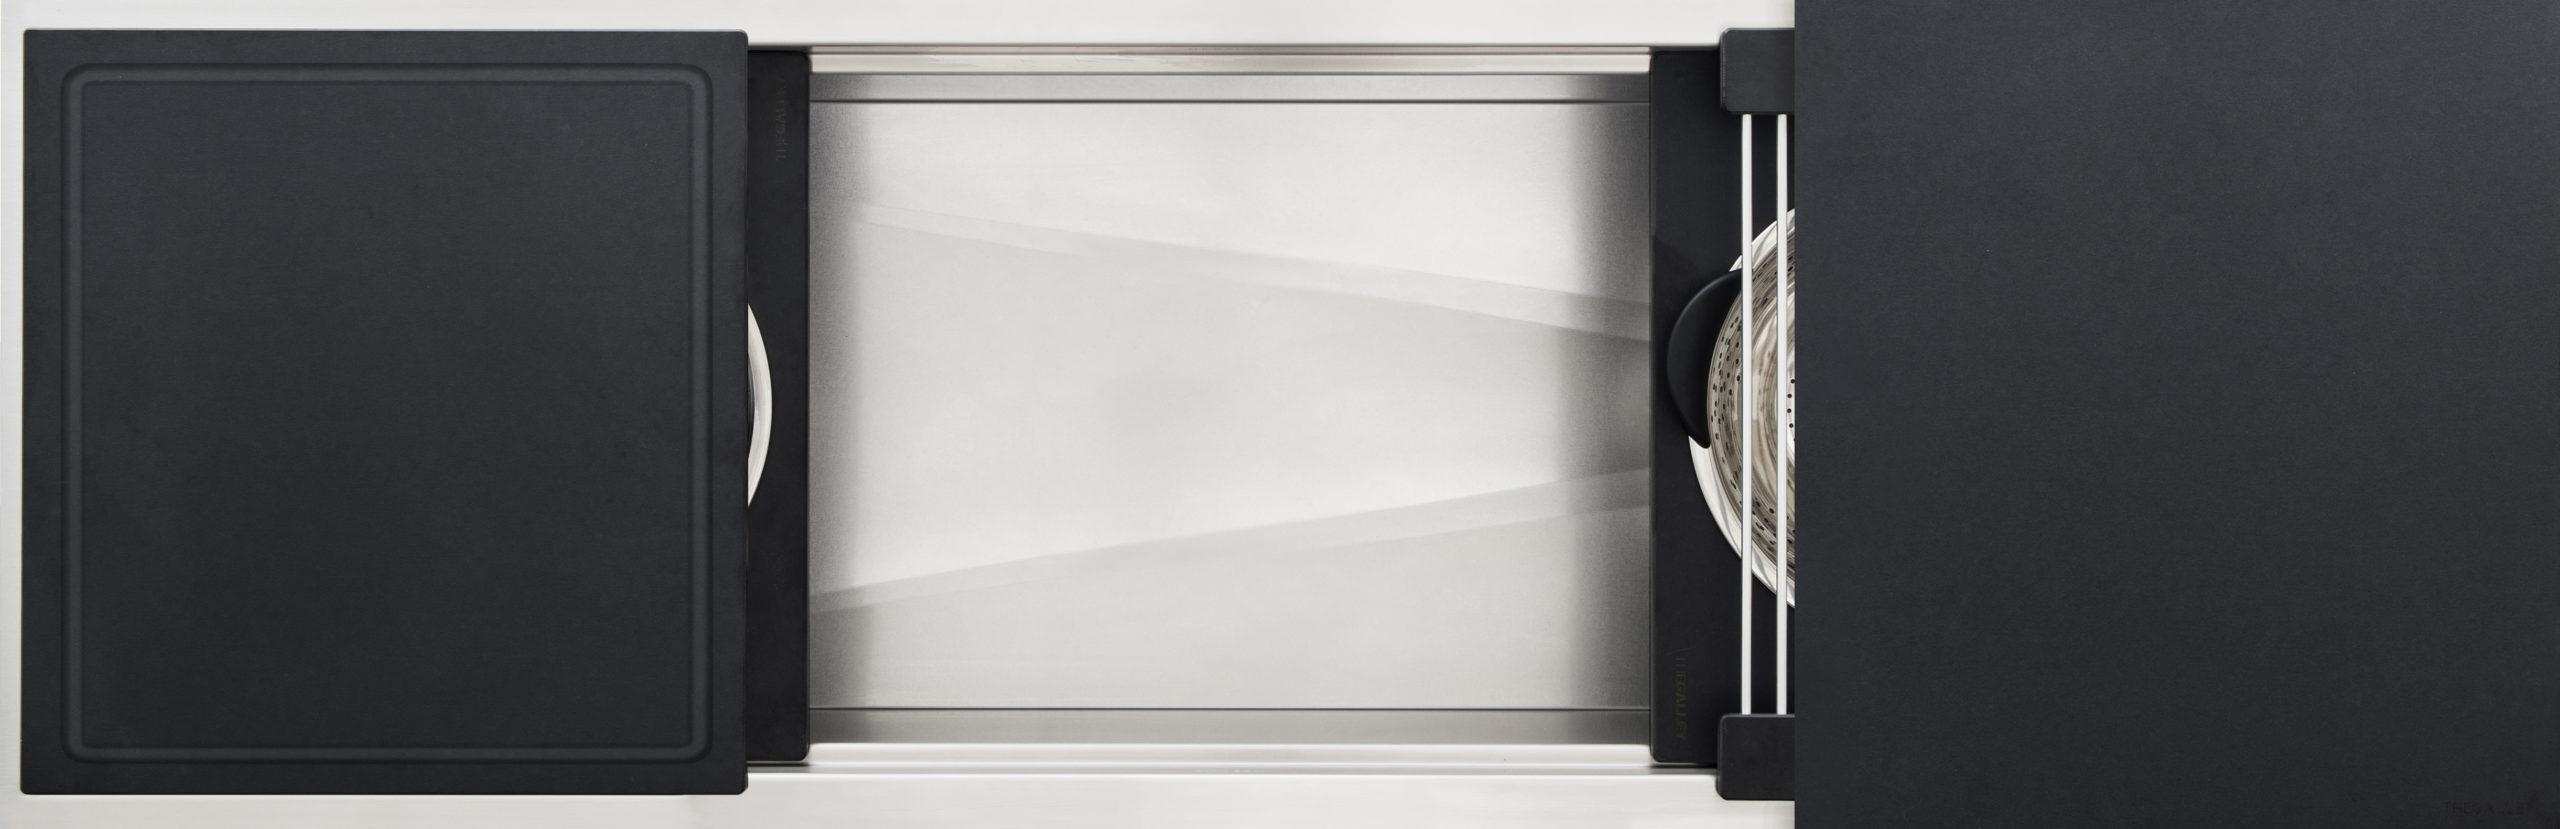 Workstation 5S Image